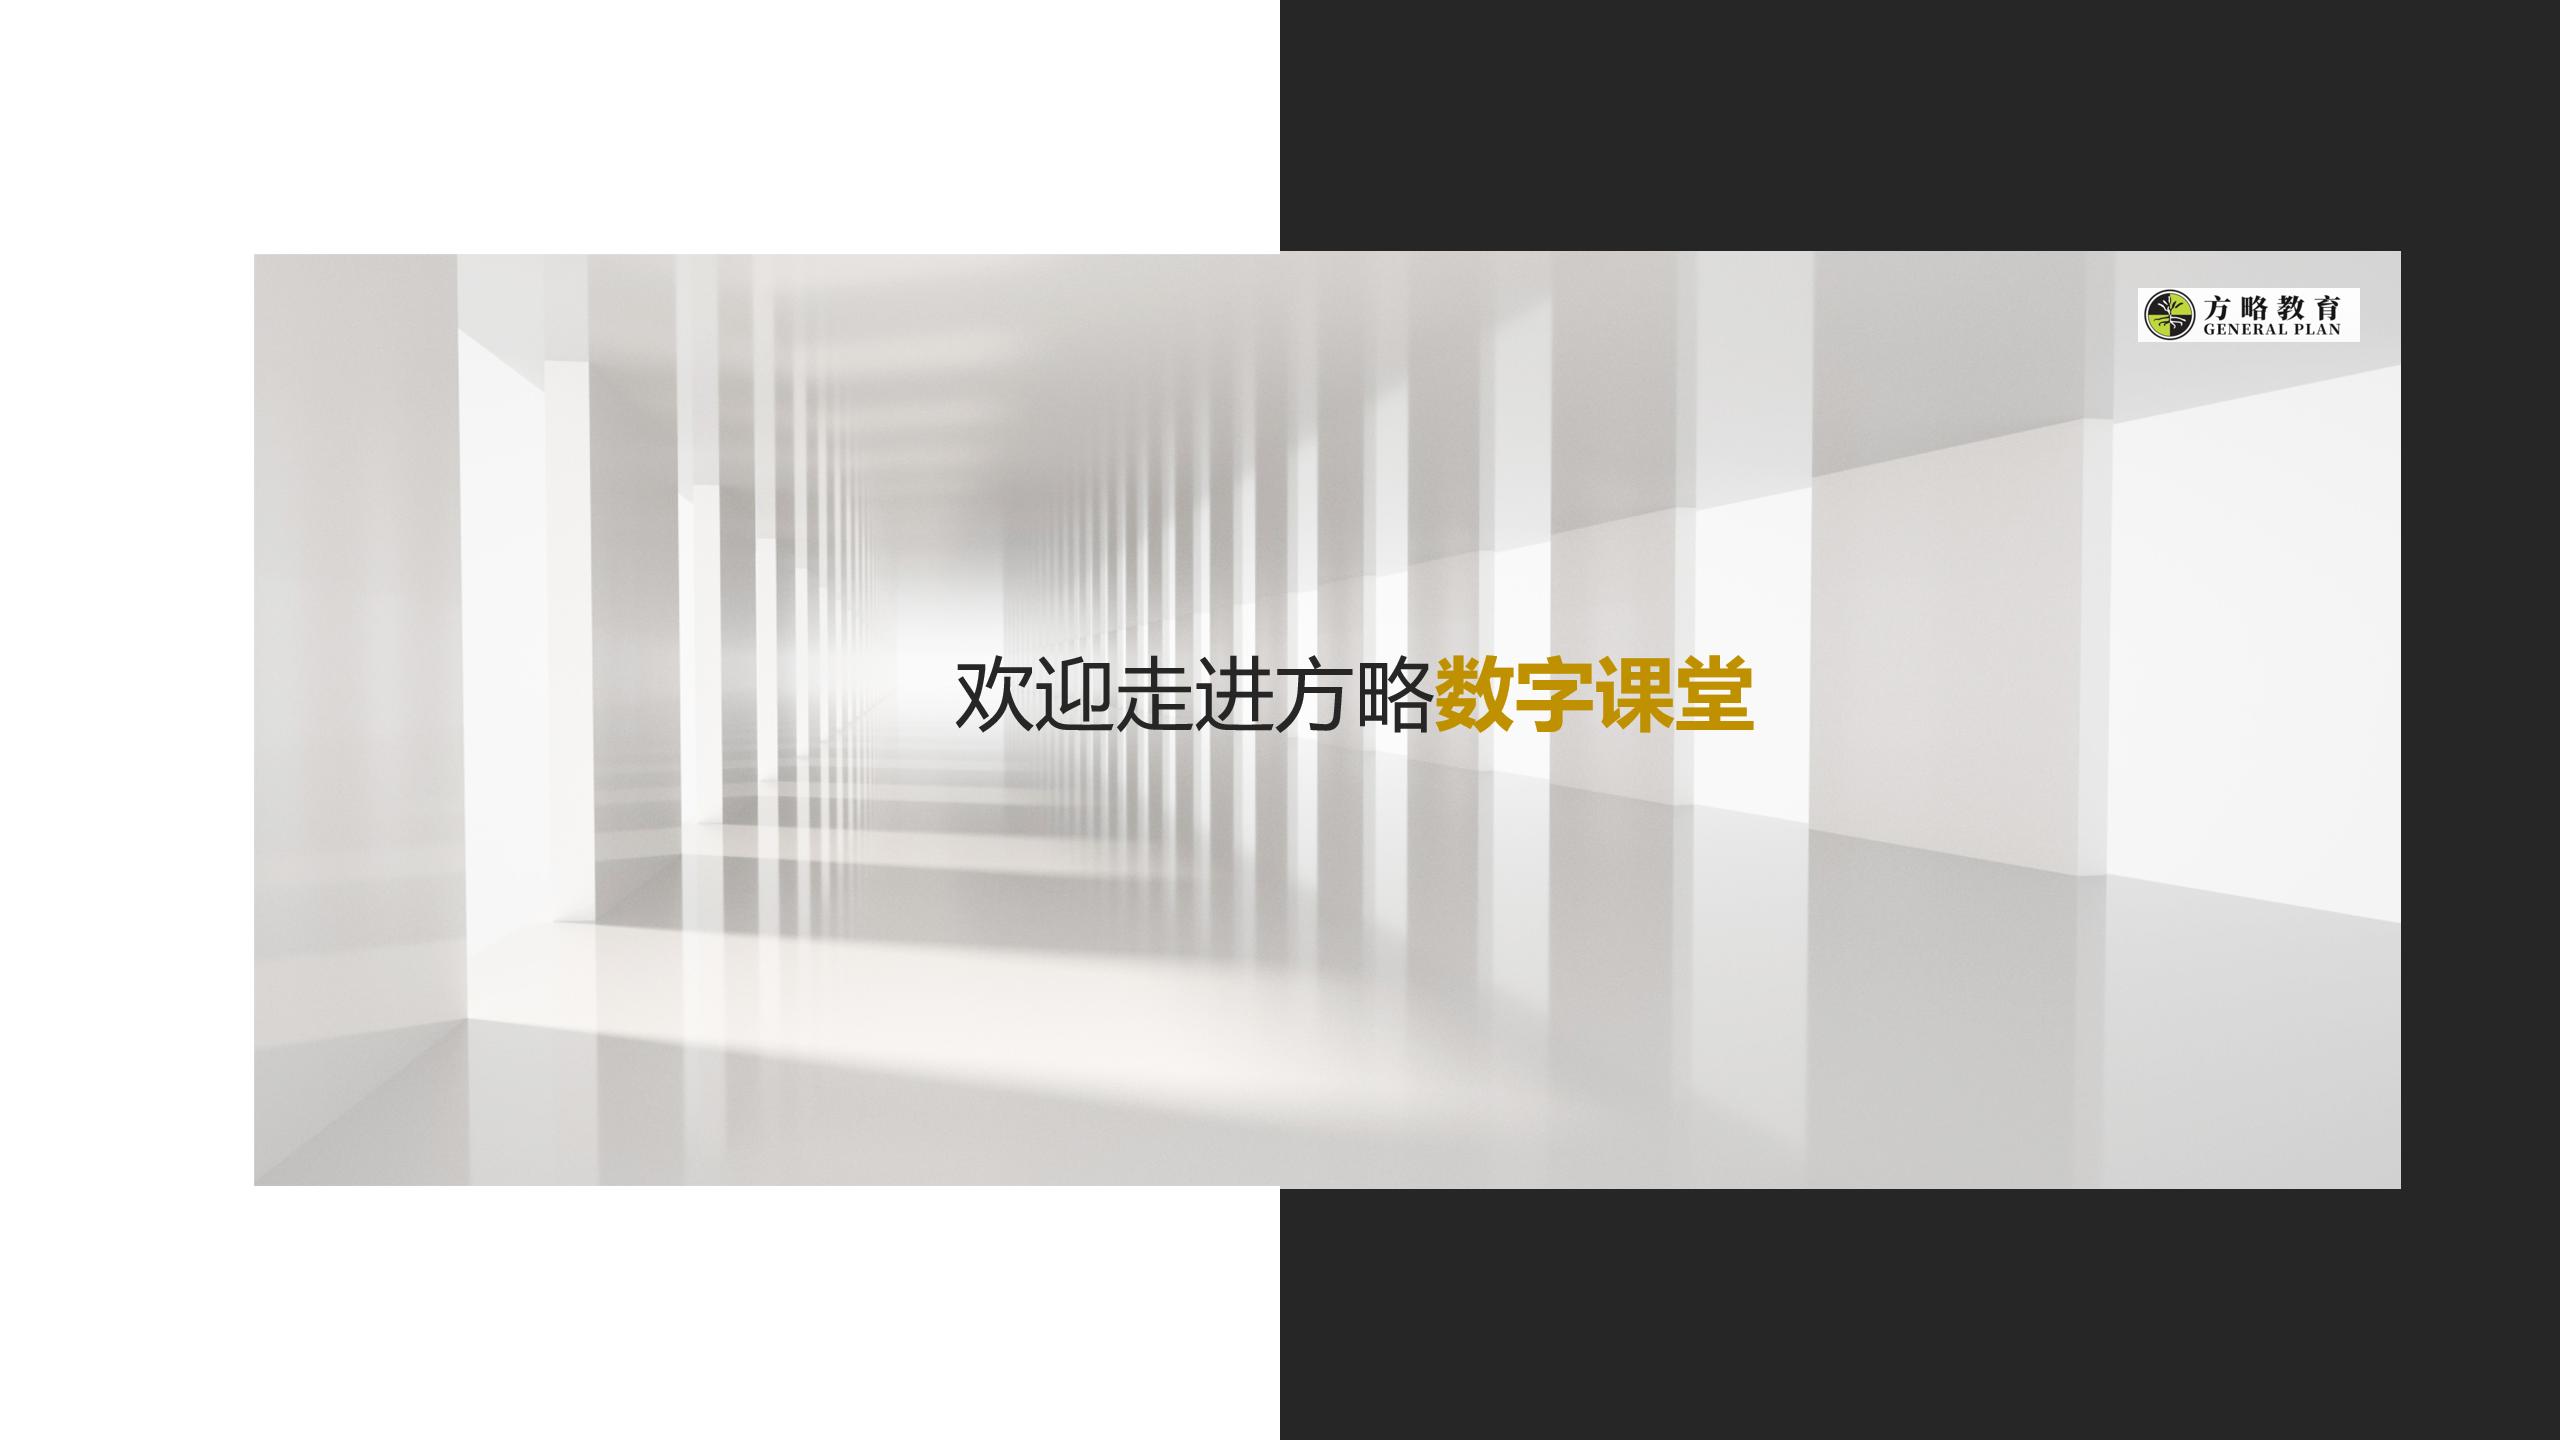 幻灯片2 - 方略智能教育服务